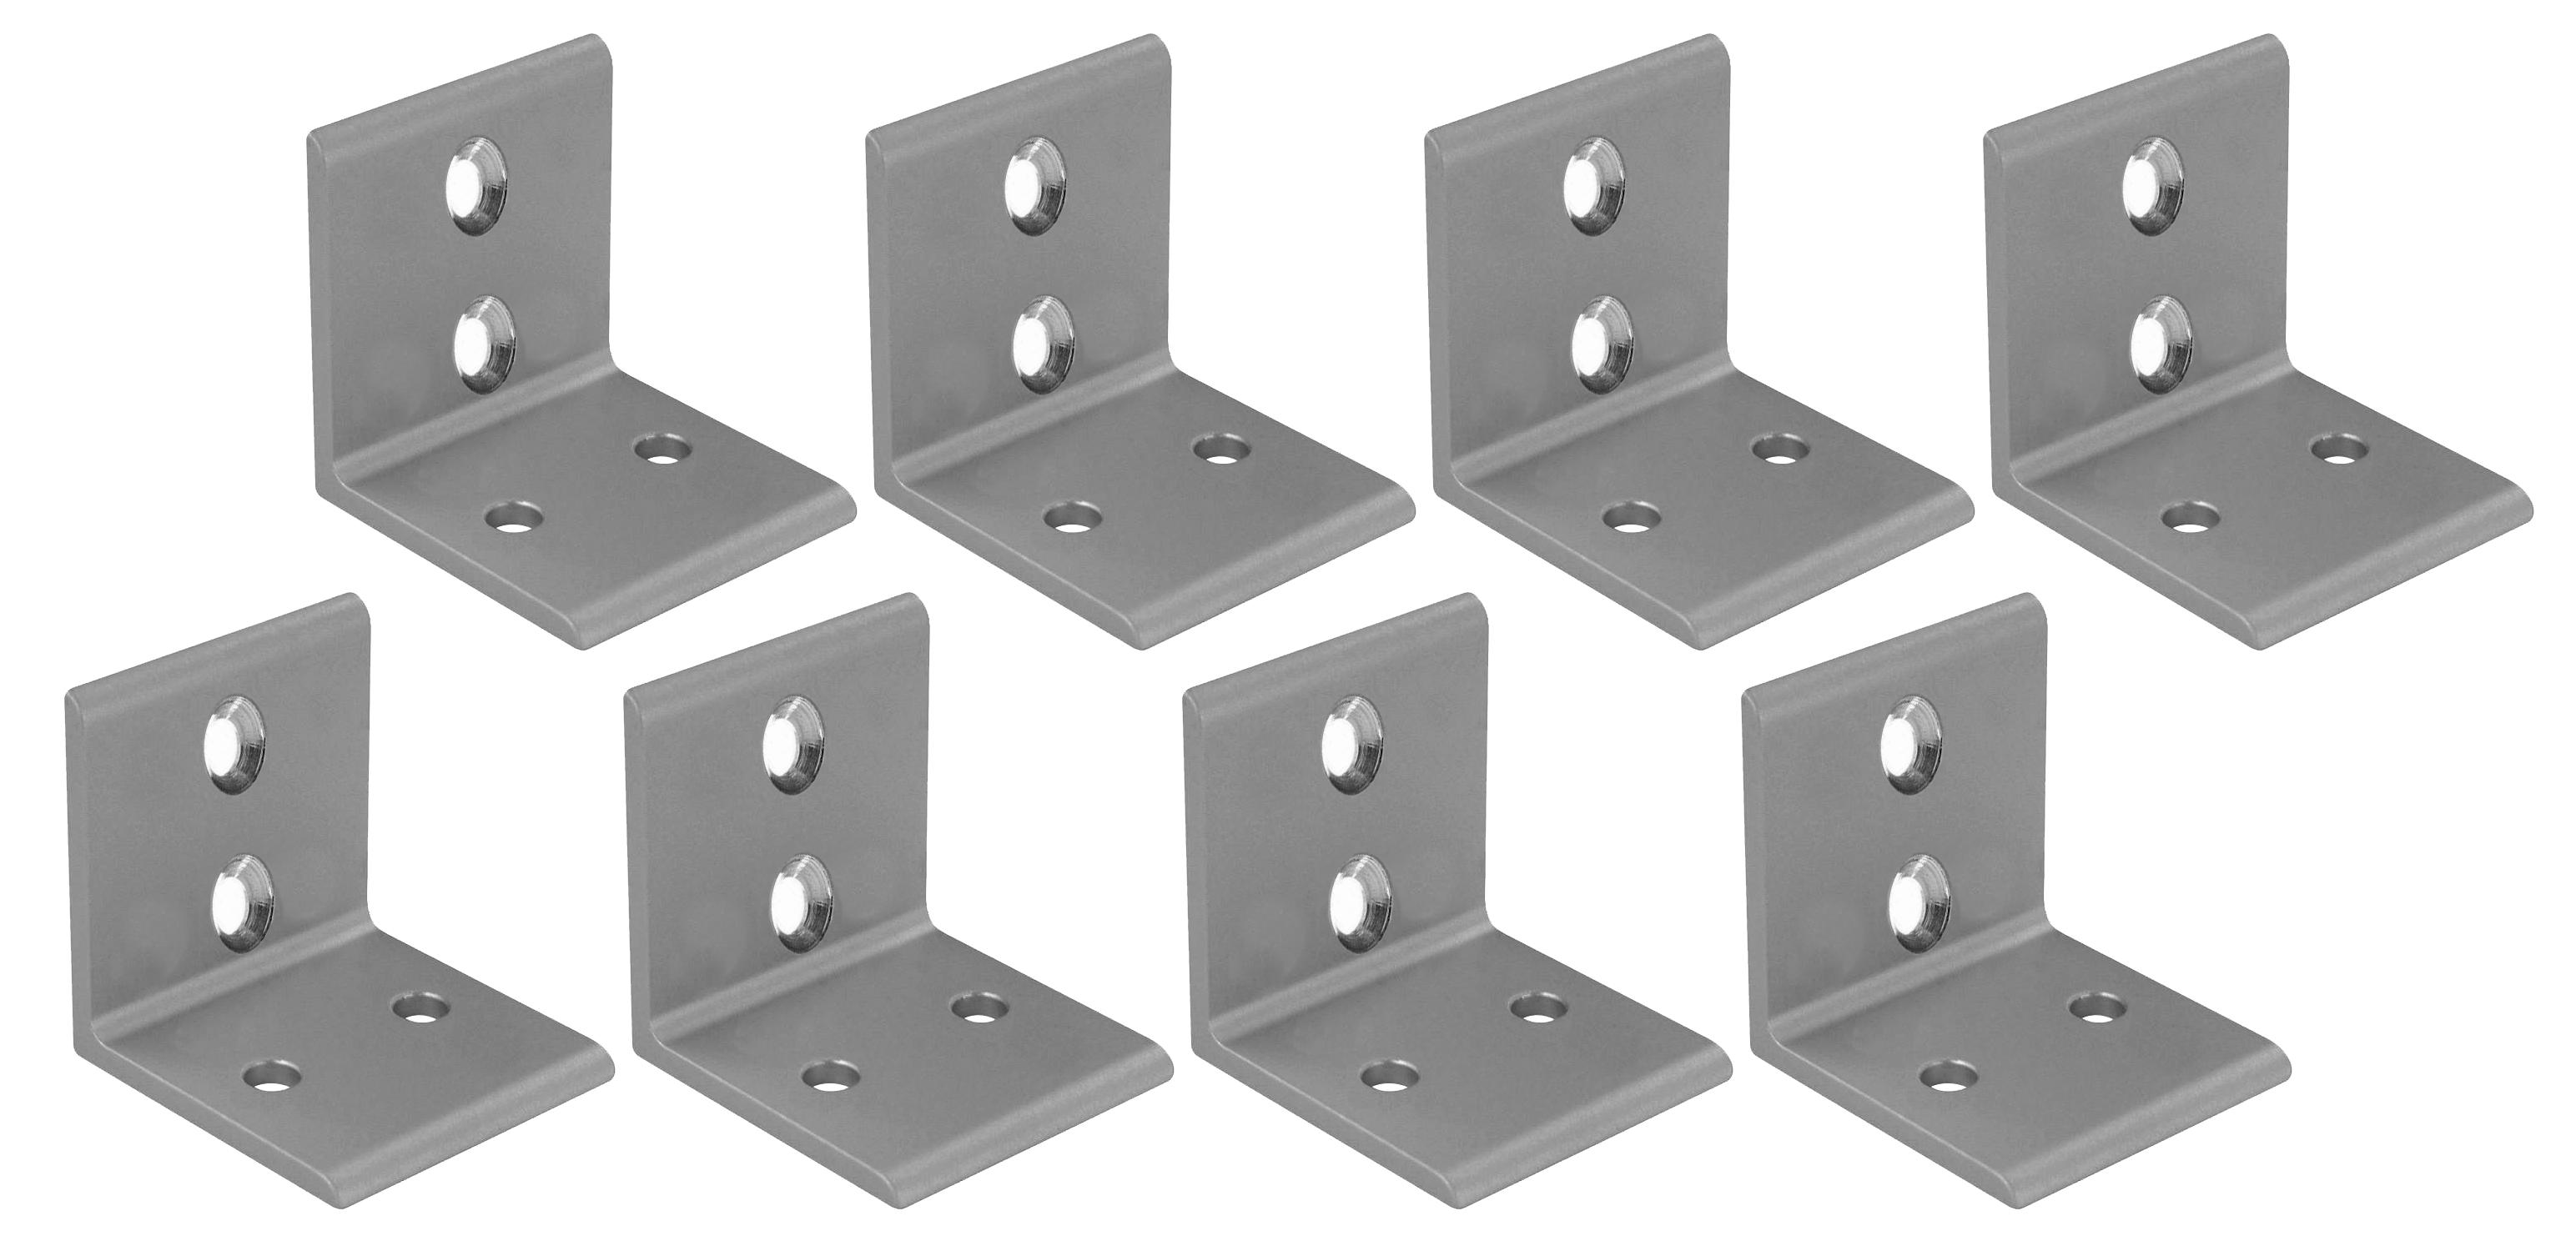 Aluminum Mounting Brackets (set of 8)